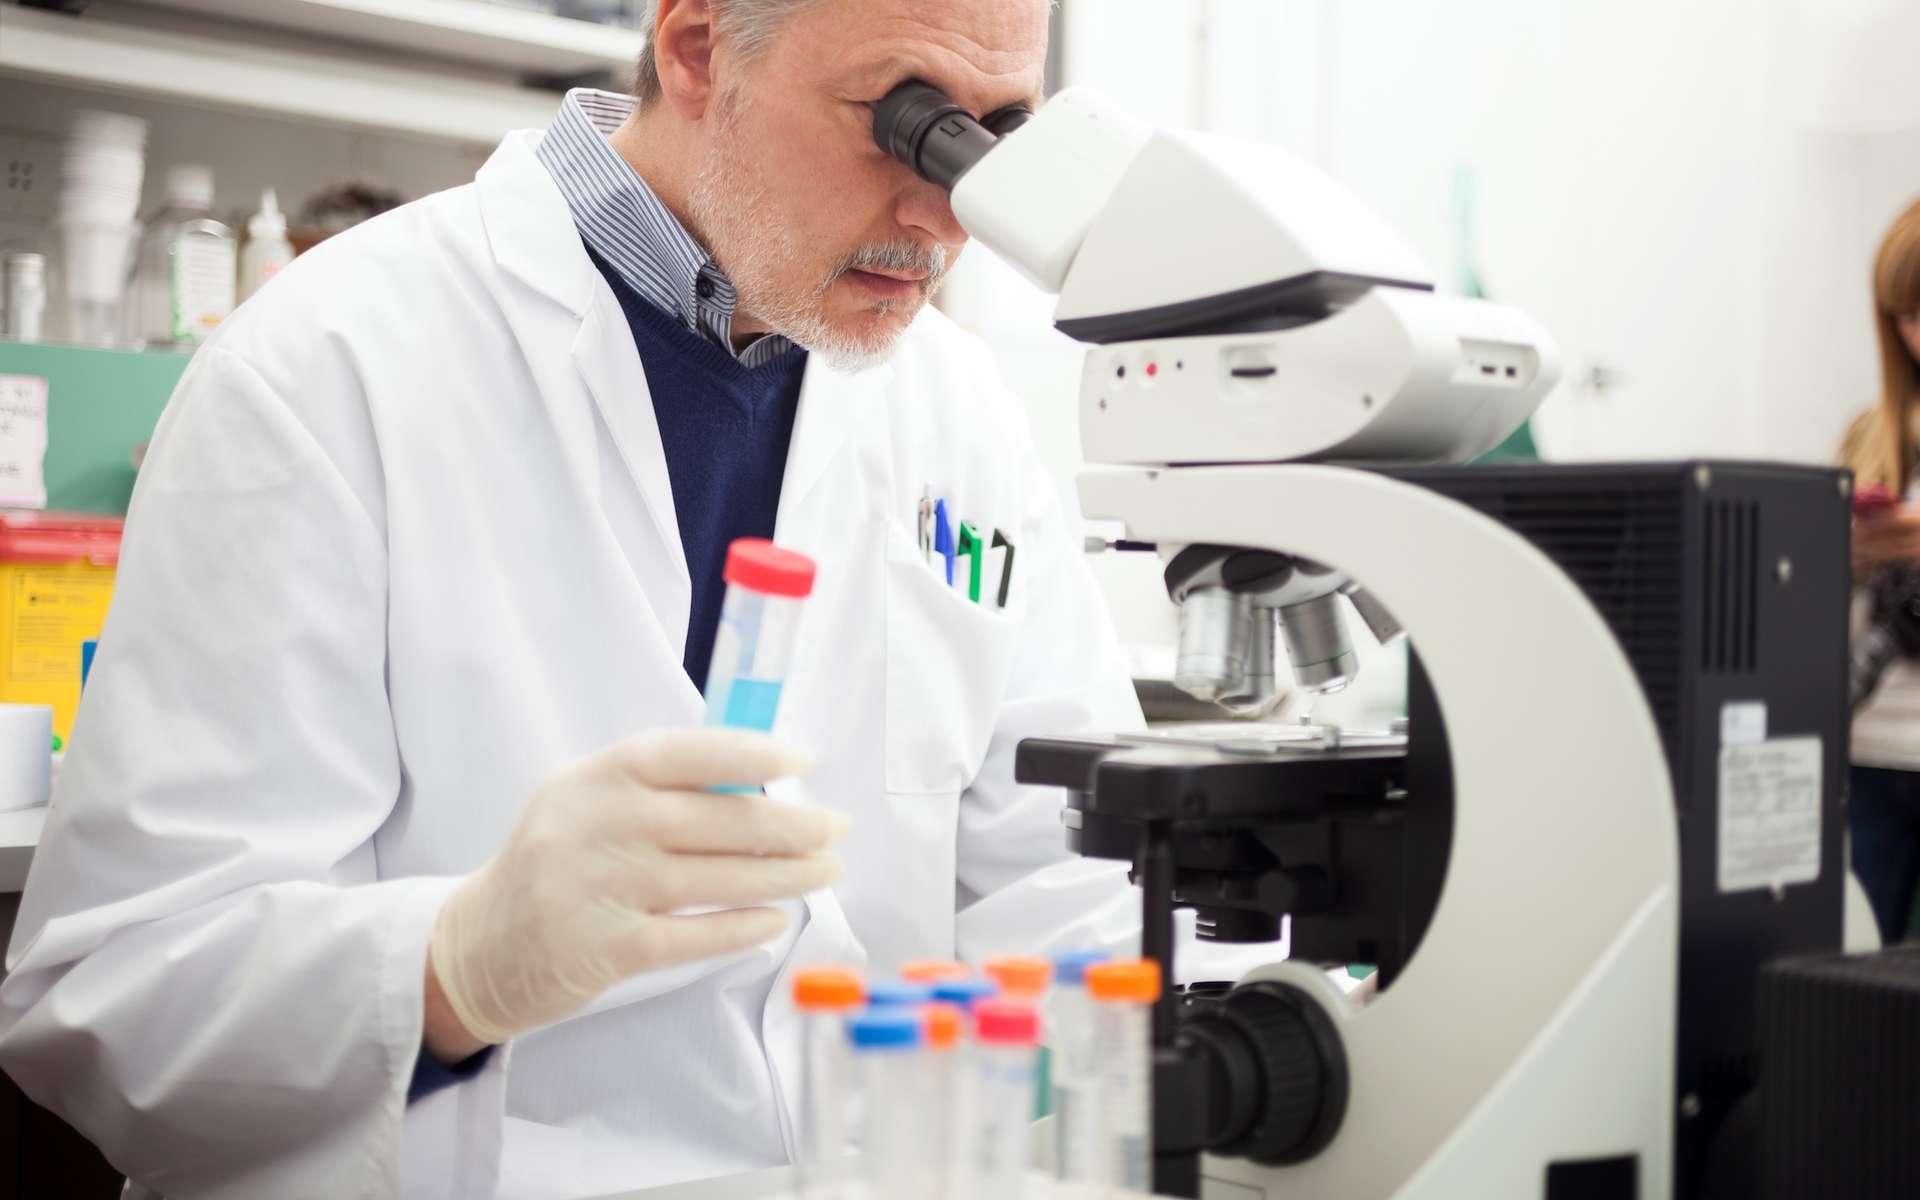 Des anticorps dits « neutralisants à large spectre » (bNAb) ont été identifiés pour leur capacité à bloquer la réplication de très nombreuses souches de VIH-1. Ils sont également capables, pour les plus efficaces d'entre eux, de reconnaître directement les cellules qui sont infectées et d'entraîner leur destruction par celles dites Natural Killer (NK). © Minerva Studio, Shutterstock.com